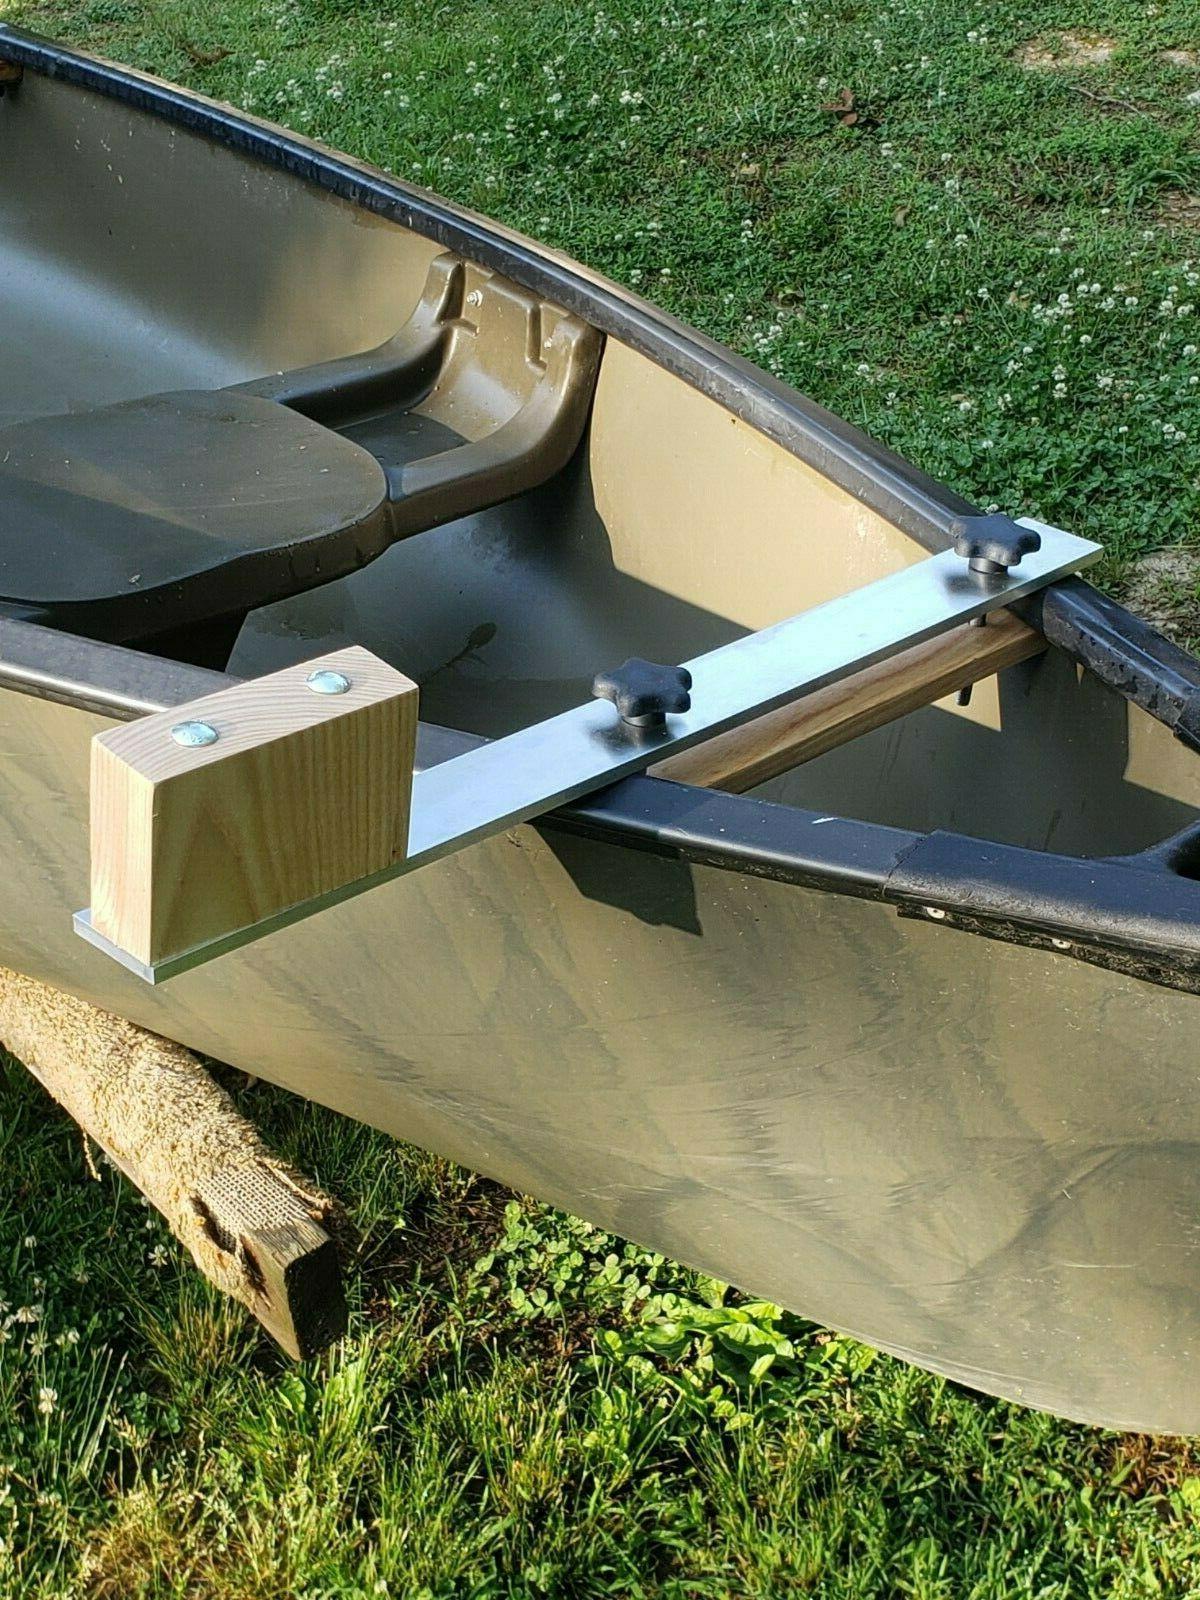 Canoe trolling mount - w/ Motor